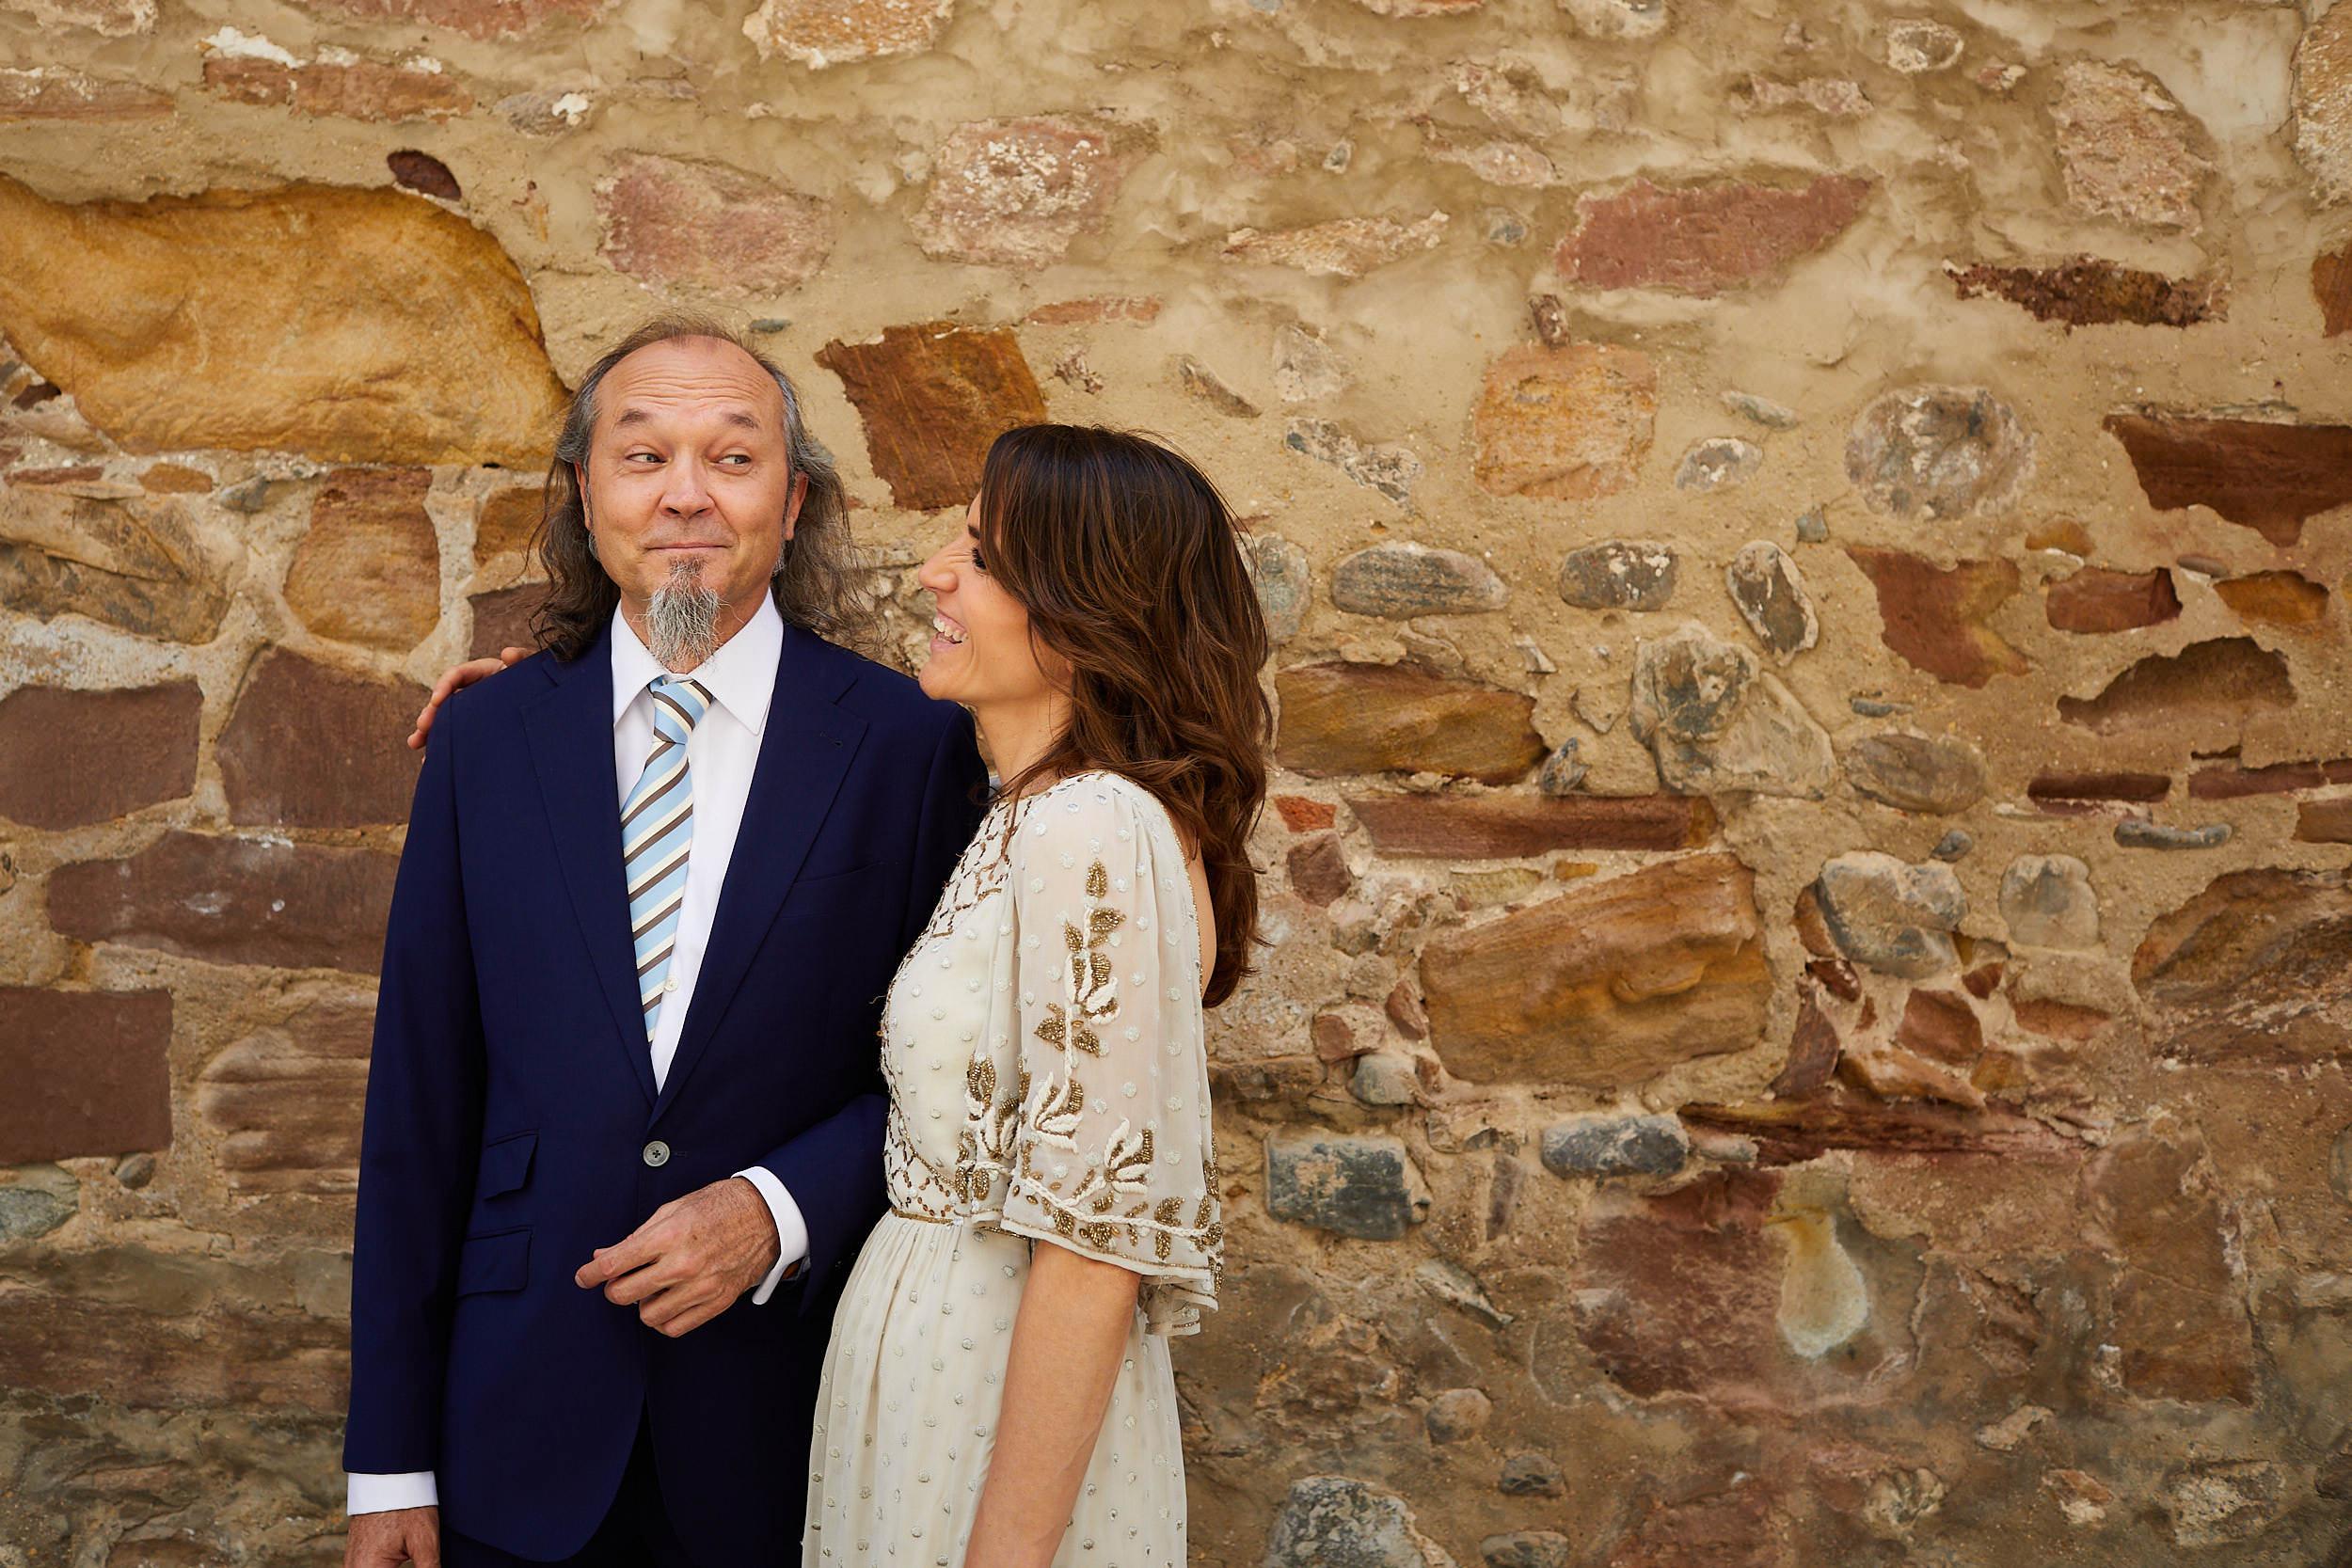 29/6/19 Isabel & Ángel, Ezcaray (La Rioja), Spain. Photo by James Sturcke   sturcke.org